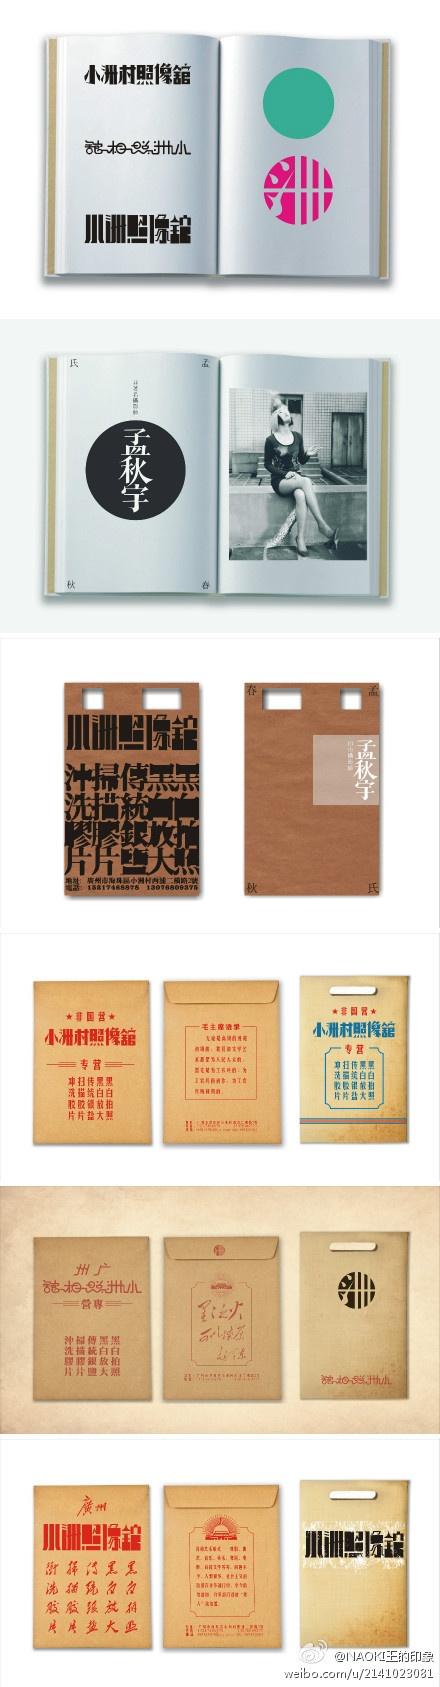 最近在研究民国---80年代字体,就馆名试着做,于是就有了馆标、孟氏春秋、卡片和照片袋。搞了半天还不成熟,你是喜欢喜欢还是喜欢啊?